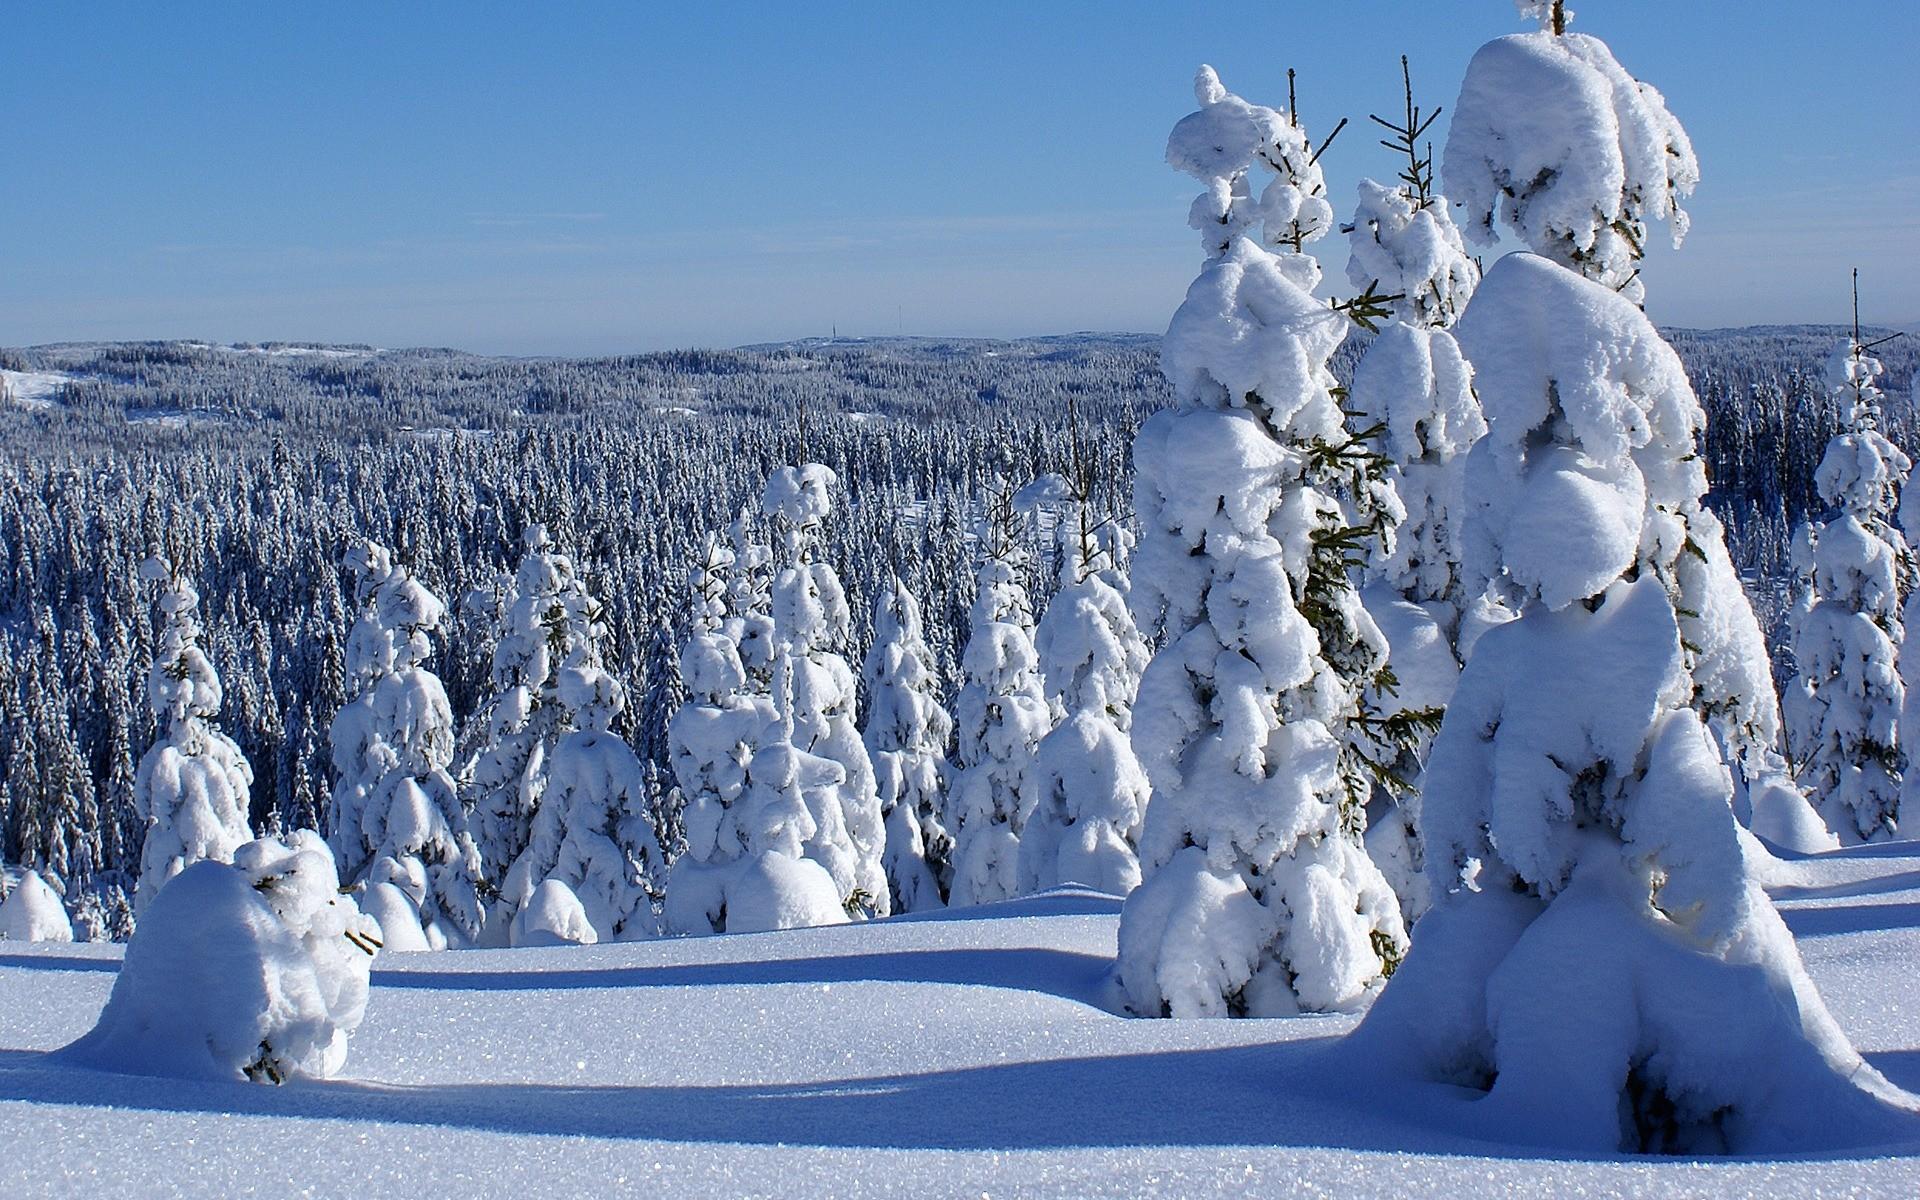 Free HD Winter Forest Nature Desktop Wallpaper